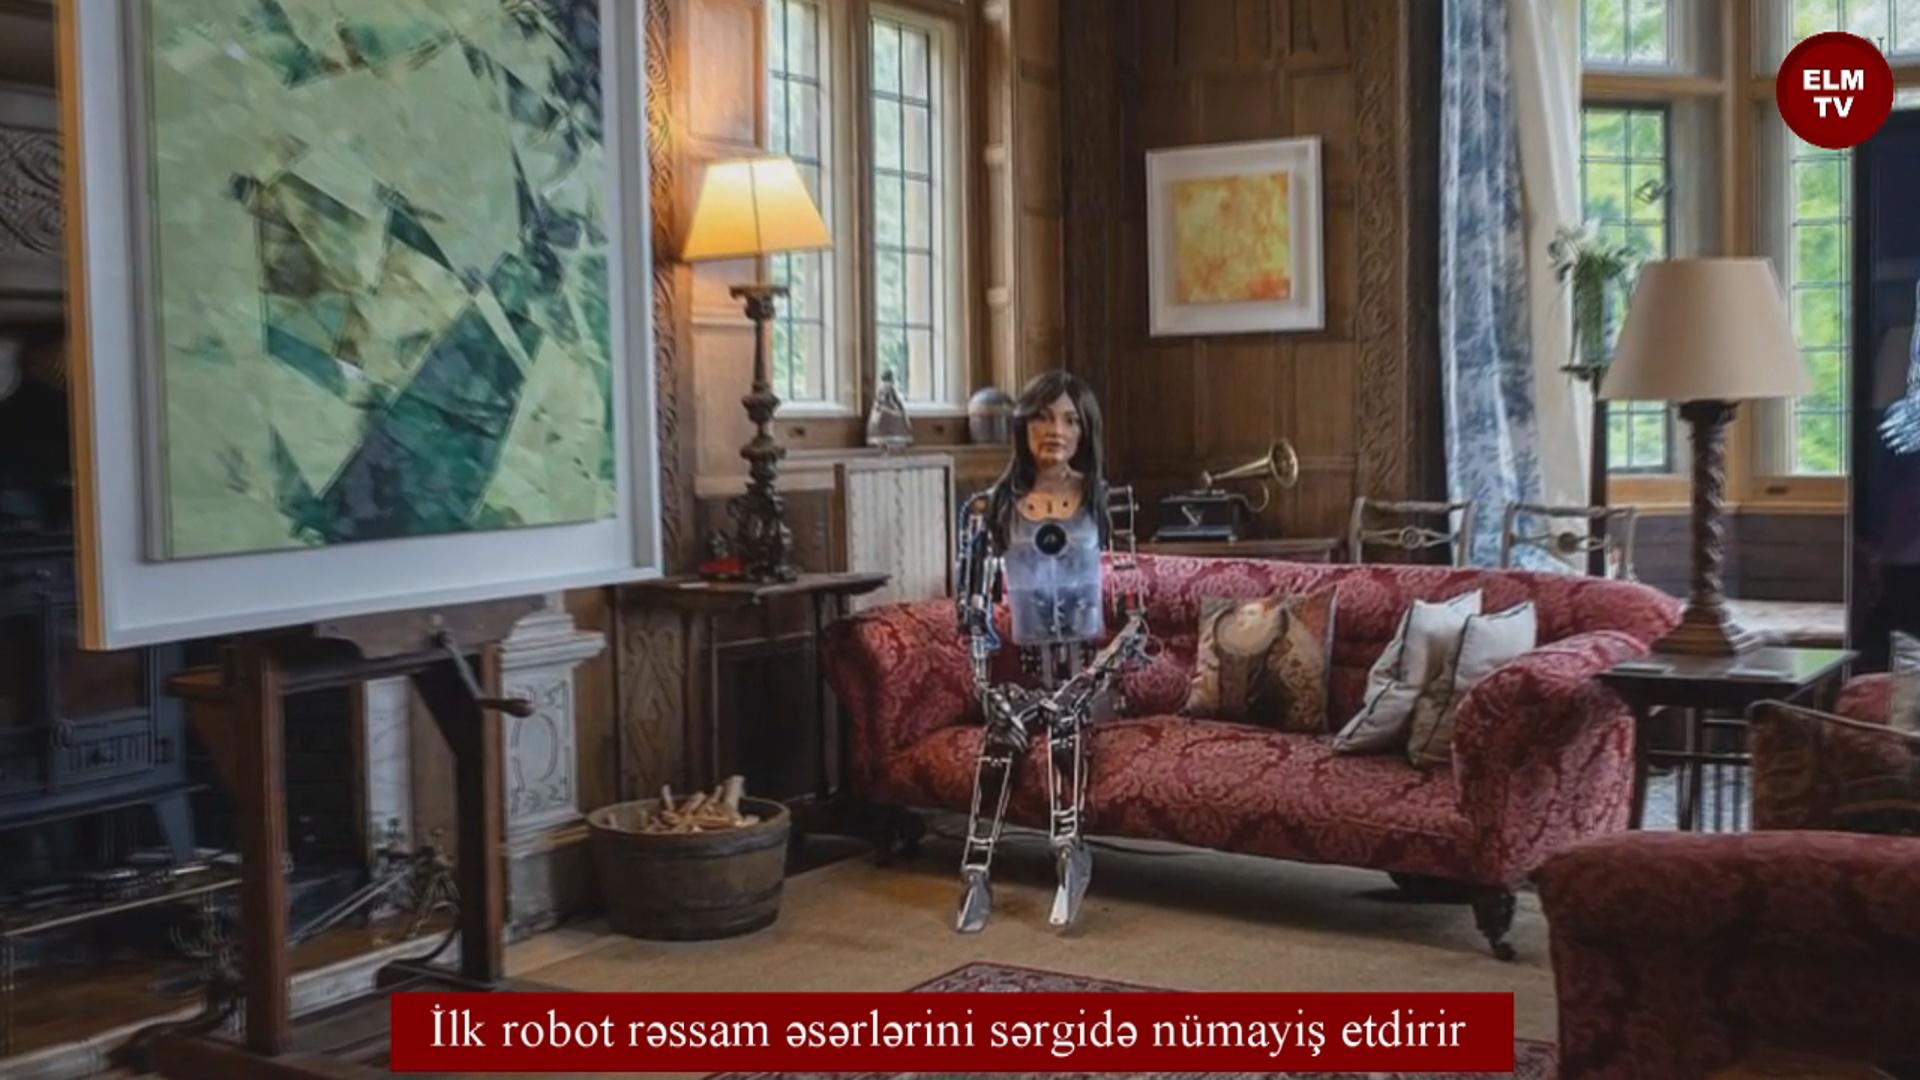 İlk robot rəssam əsərlərini sərgidə nümayiş etdirir